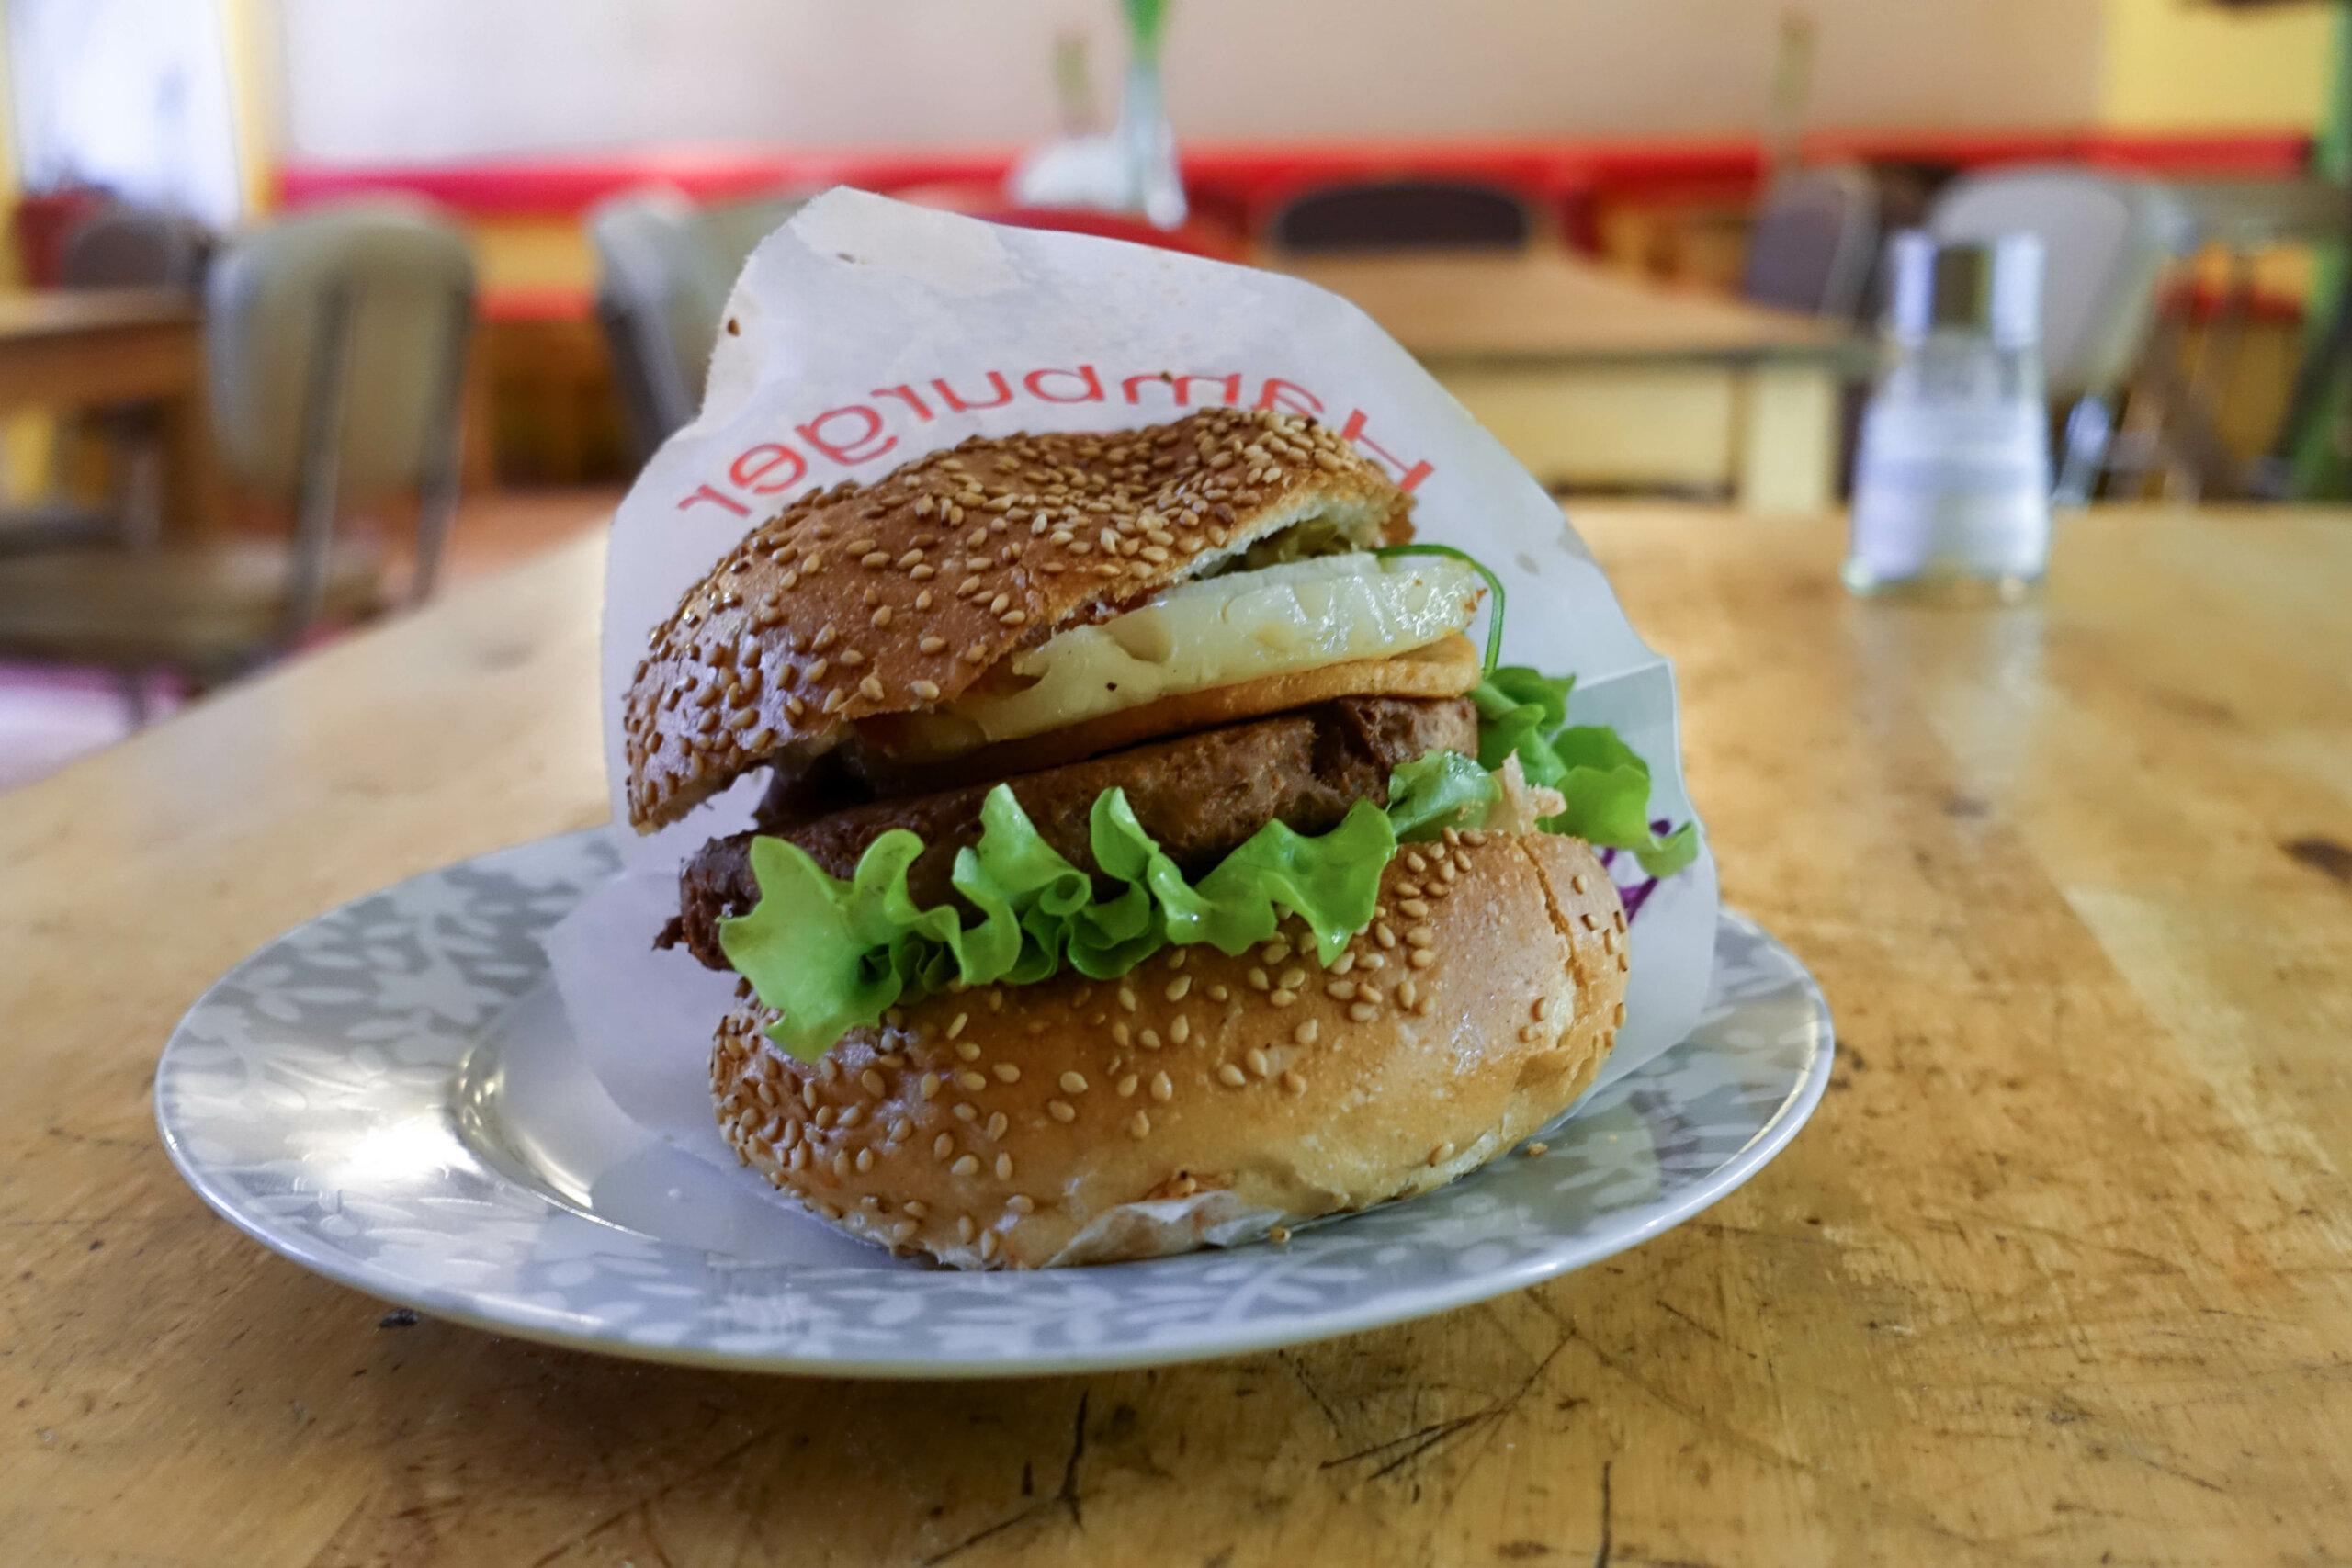 Hawaii Burger, Yoyos Foodworld, Berlin